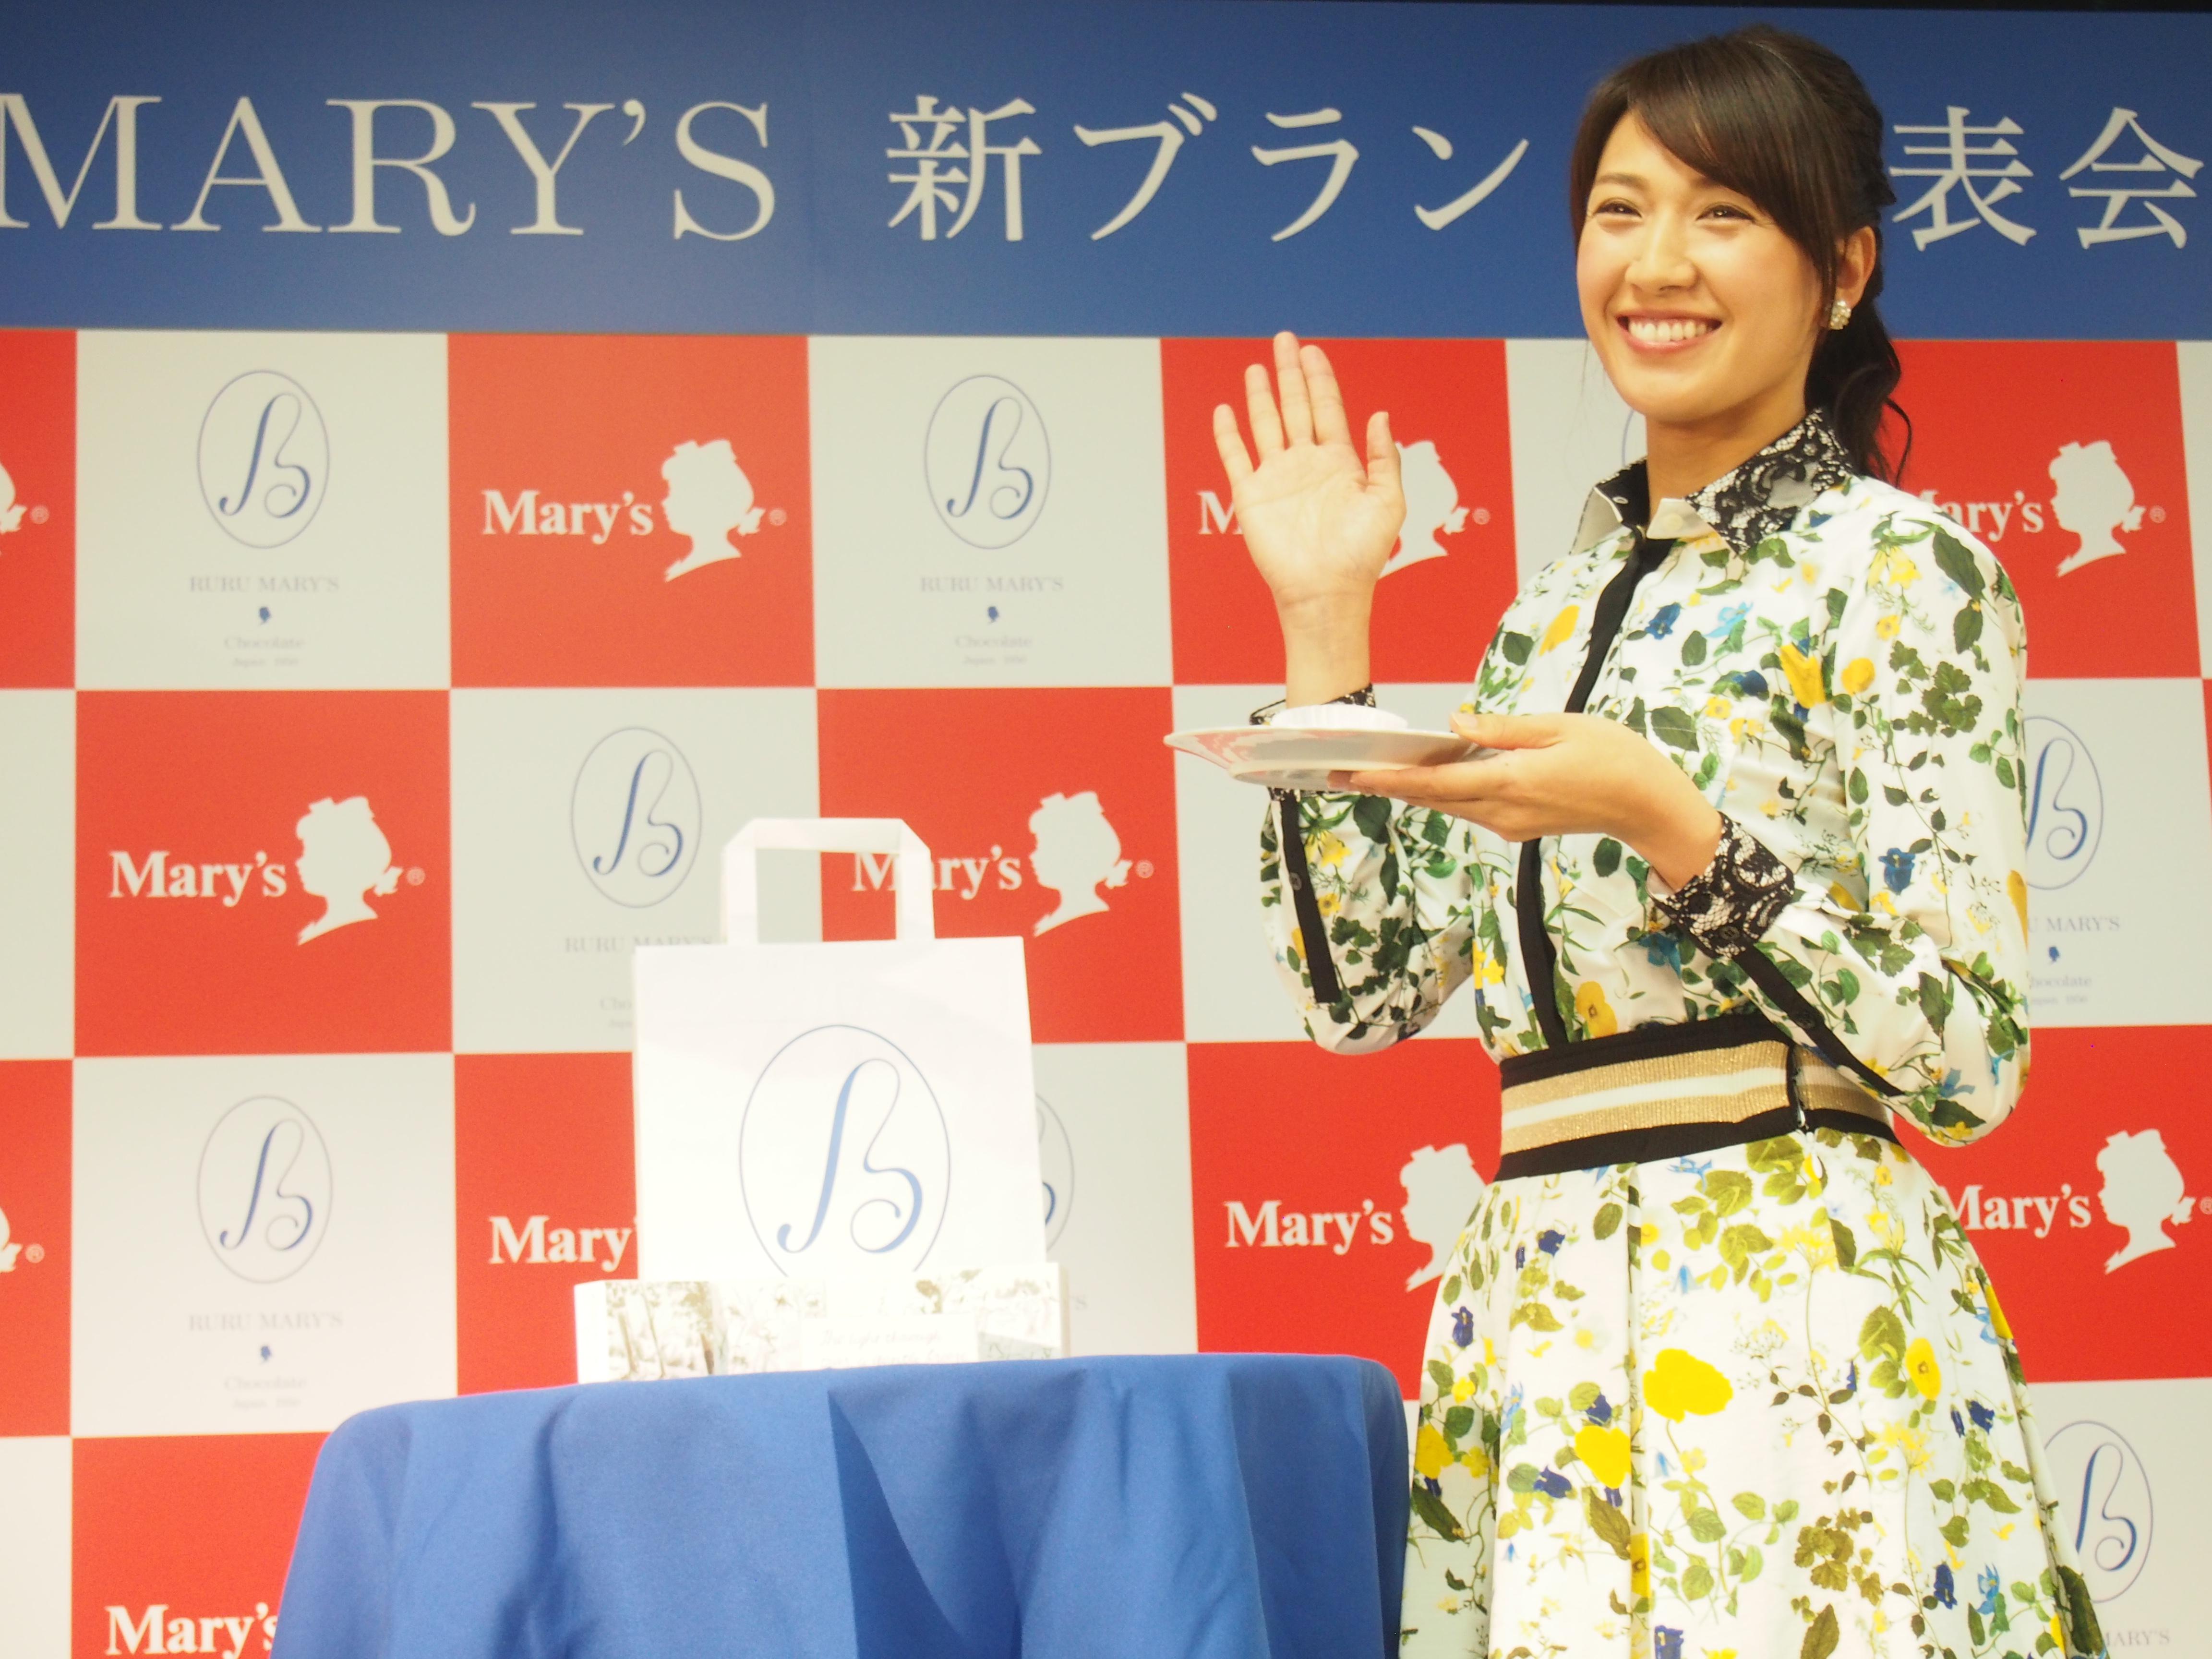 全国に先駆け名古屋に!人気チョコ専門店発の新ブランド「RURU MARY'S」 - PA032314